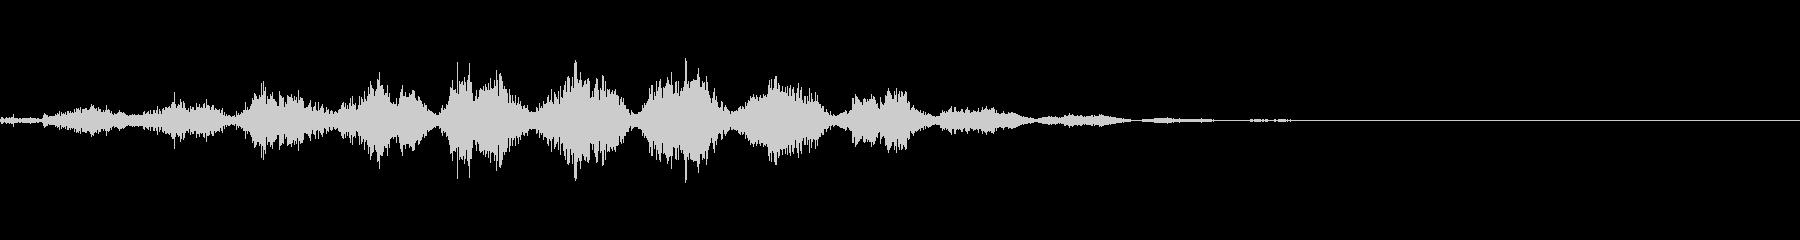 ホラー系導入音_その14の未再生の波形